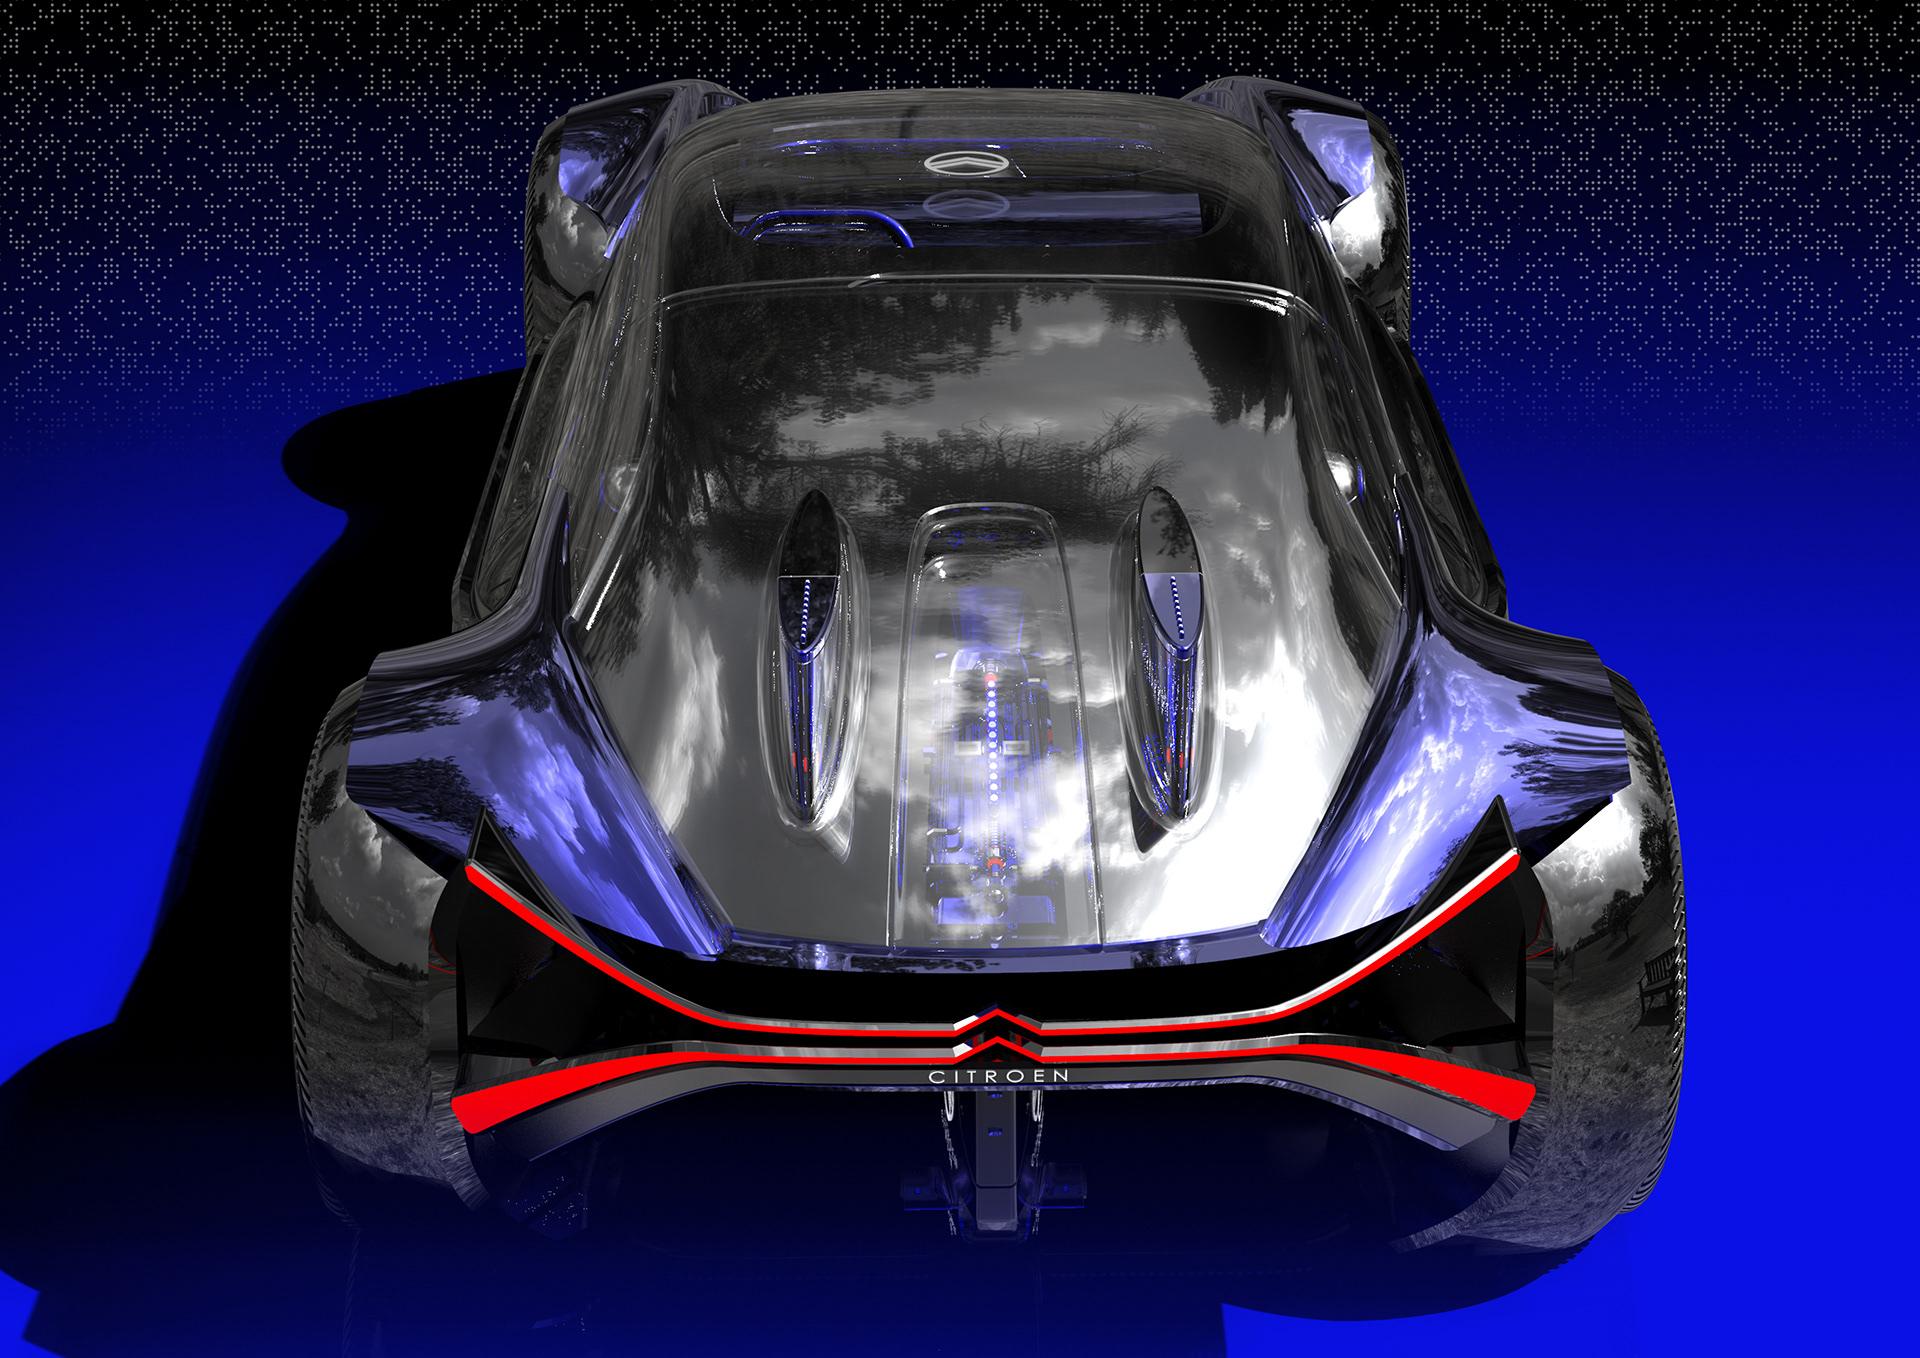 [Présentation] Le design par Citroën - Page 20 A7139891541359.5e343cb0892d2